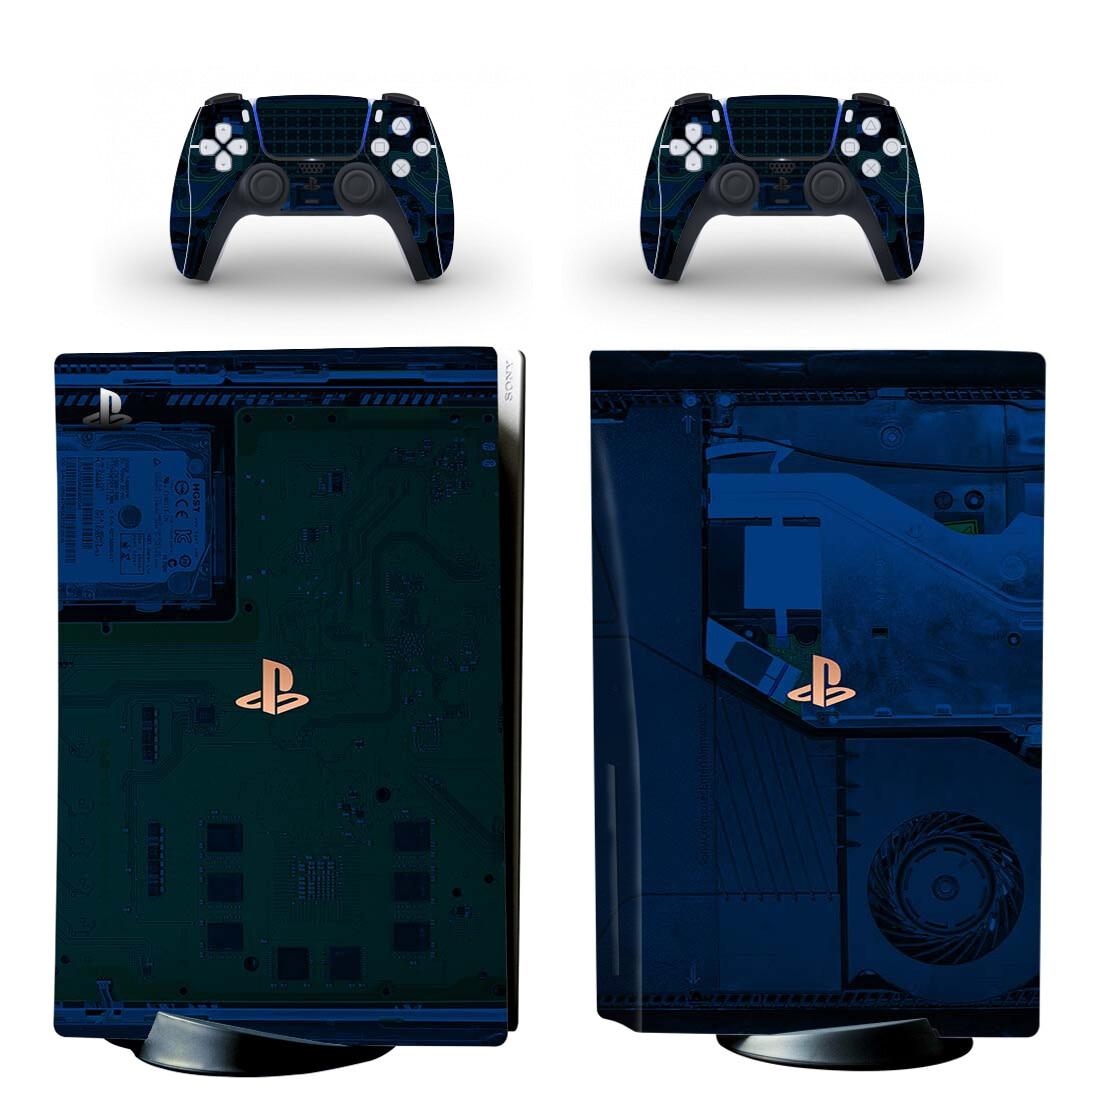 طبعة محدودة PS5 القياسية القرص الجلد ملصق غطاء لاصق لامع ل بلاي ستيشن 5 وحدة التحكم و 2 تحكم PS5 القرص الجلد الفينيل